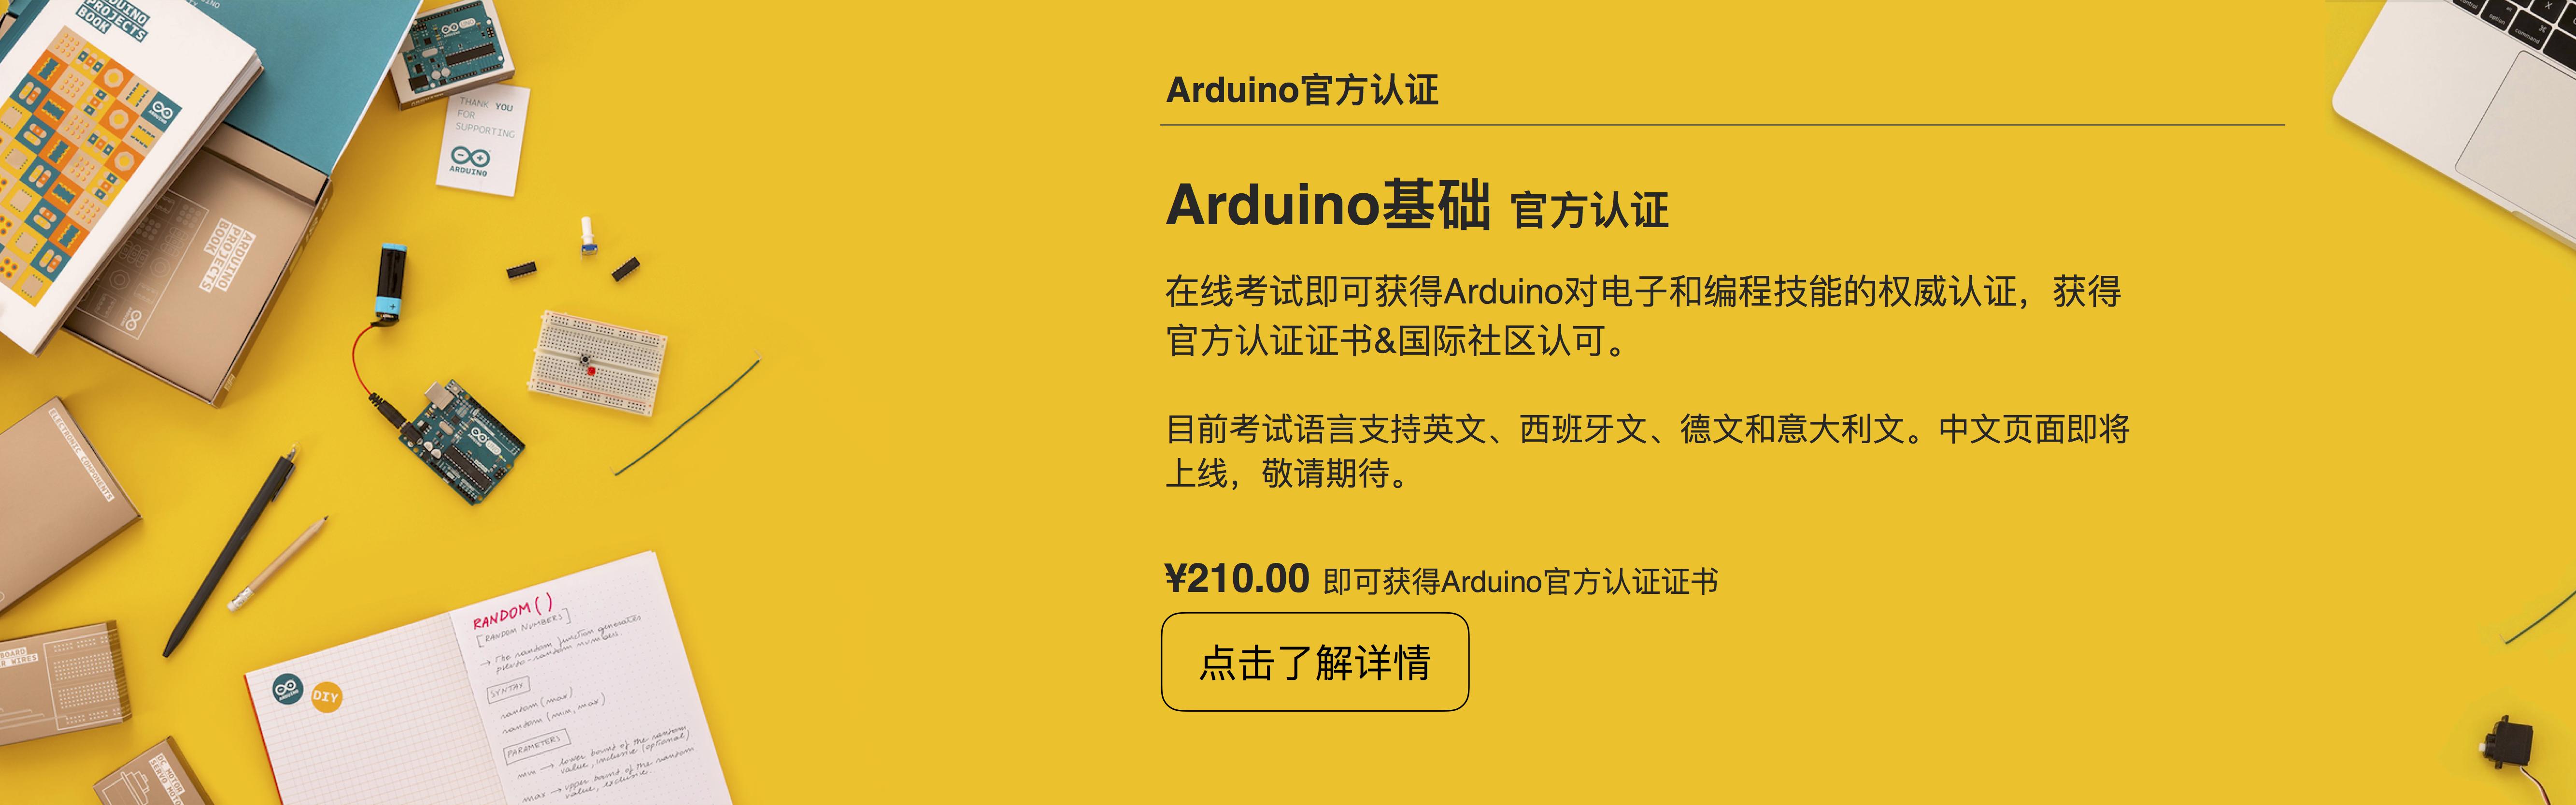 仅需30美金(210元)即可考取Arduino官方认证证书